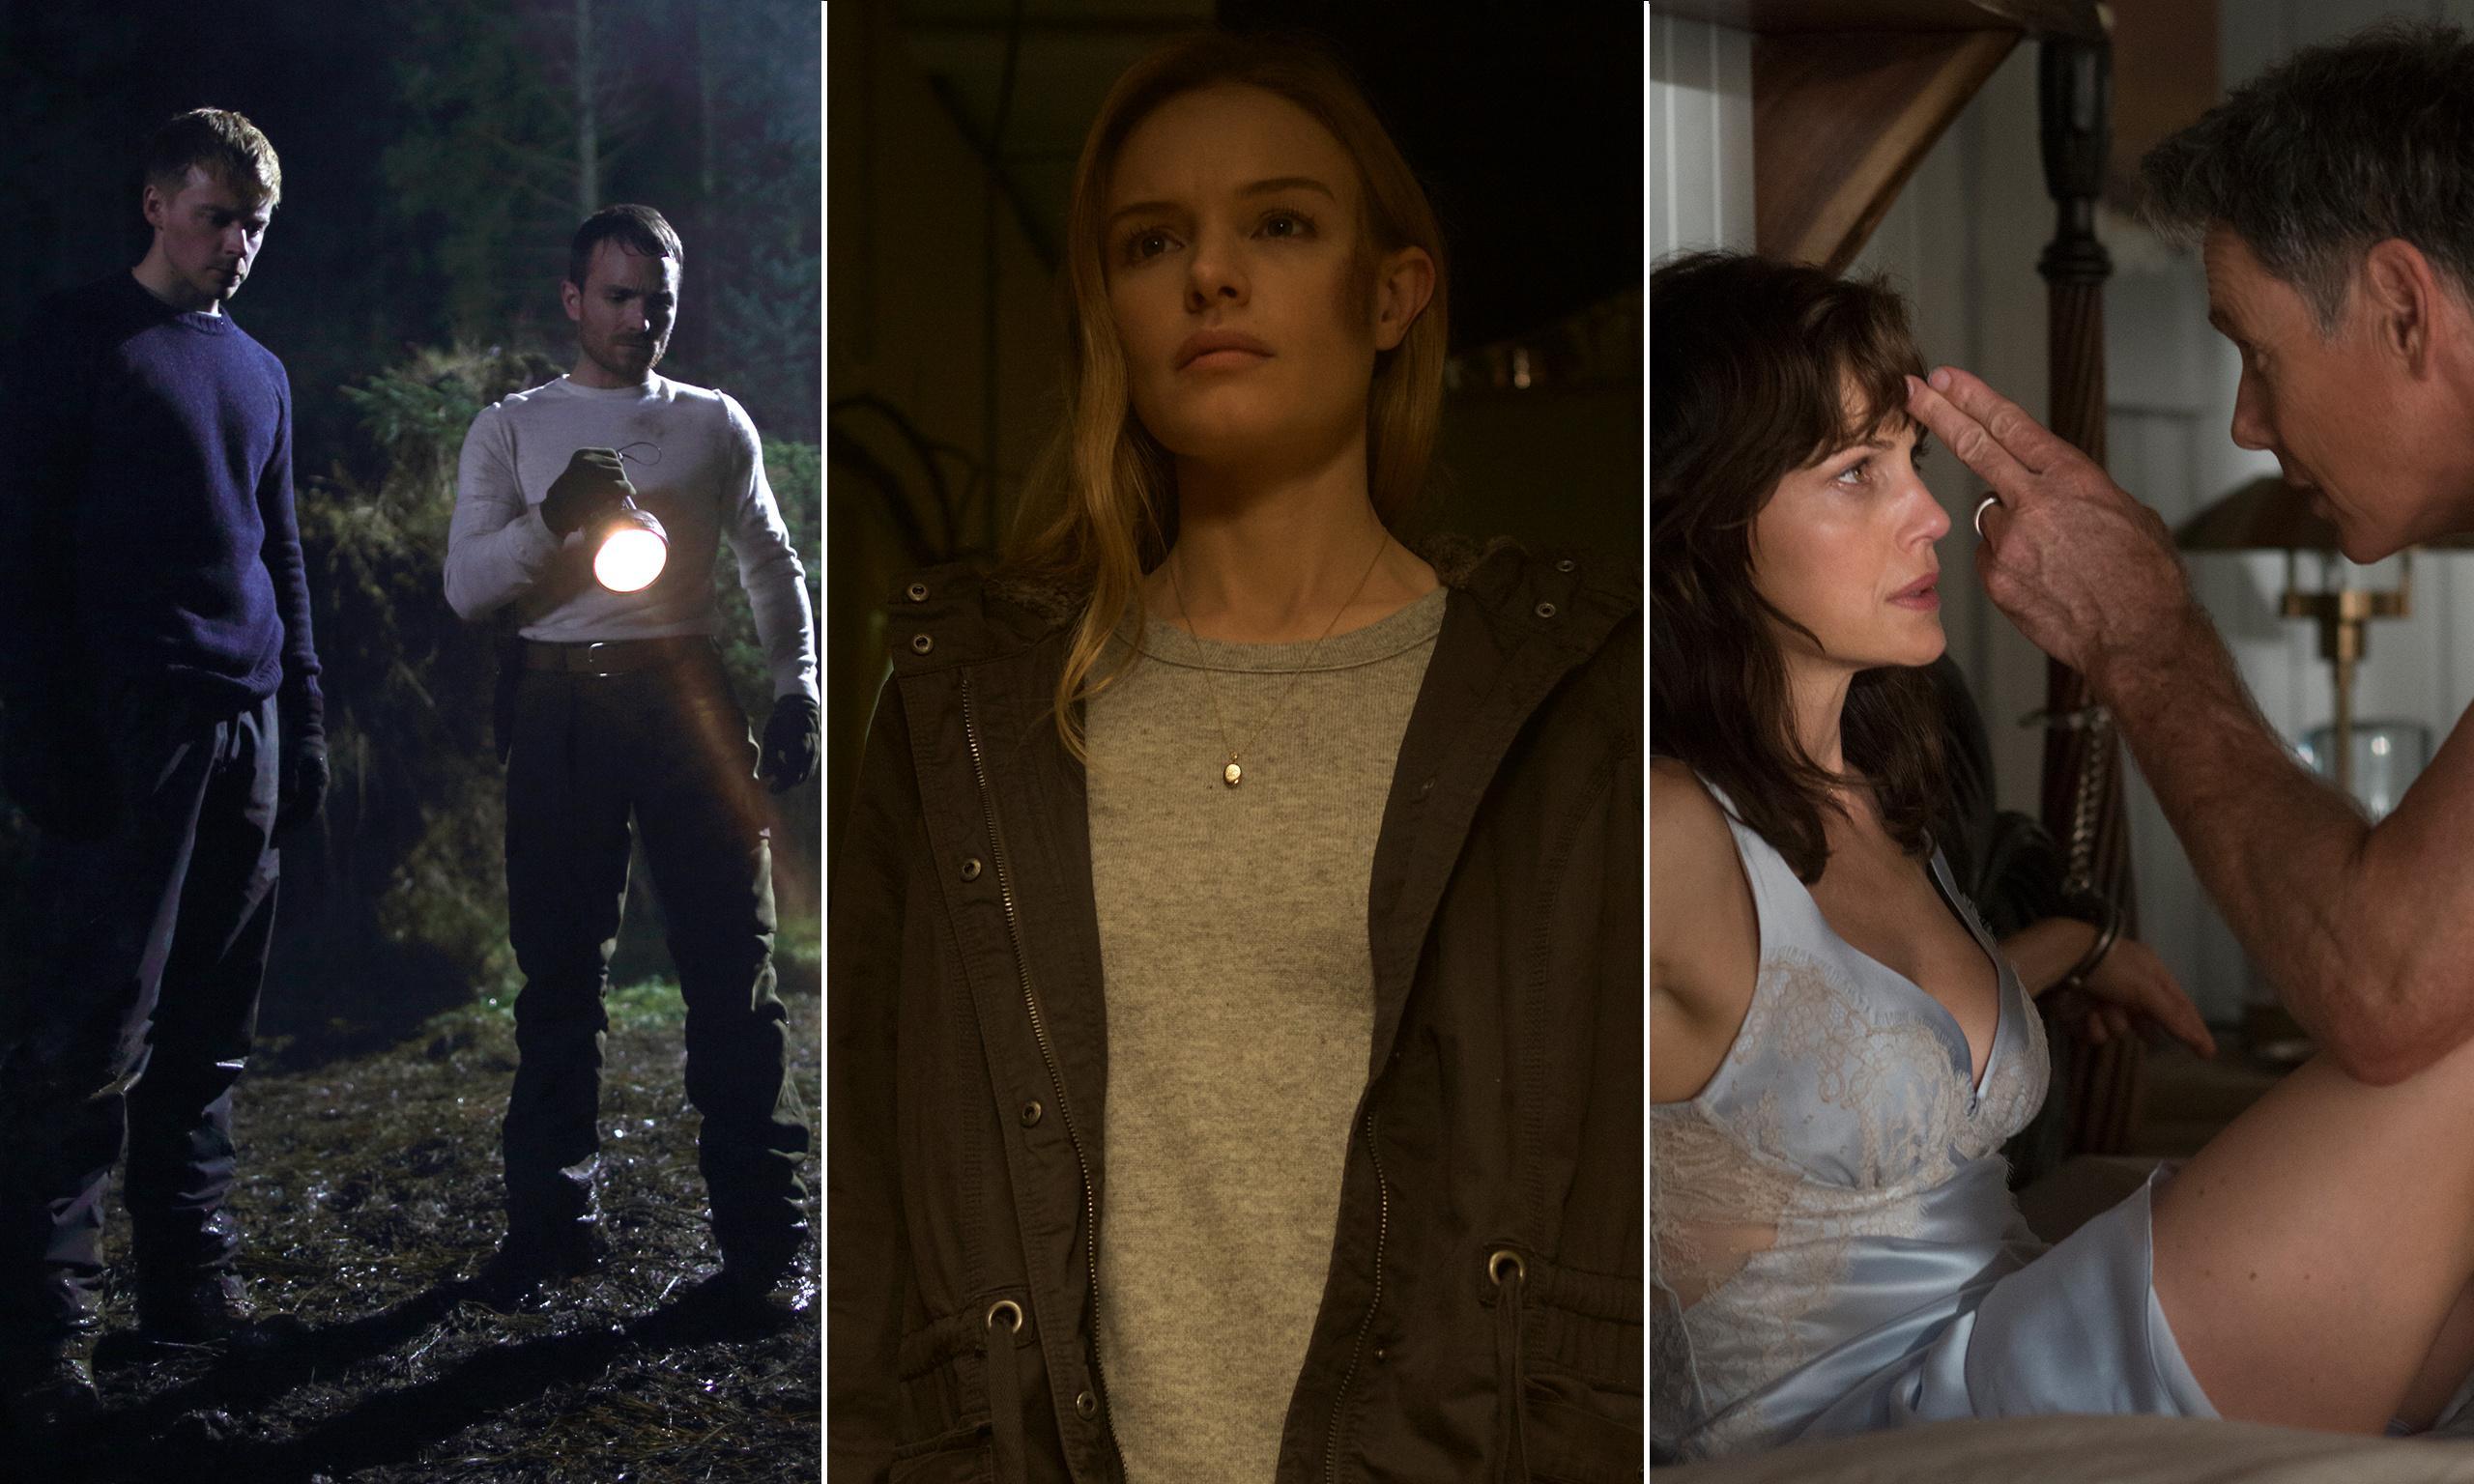 The 10 scariest Netflix original movies